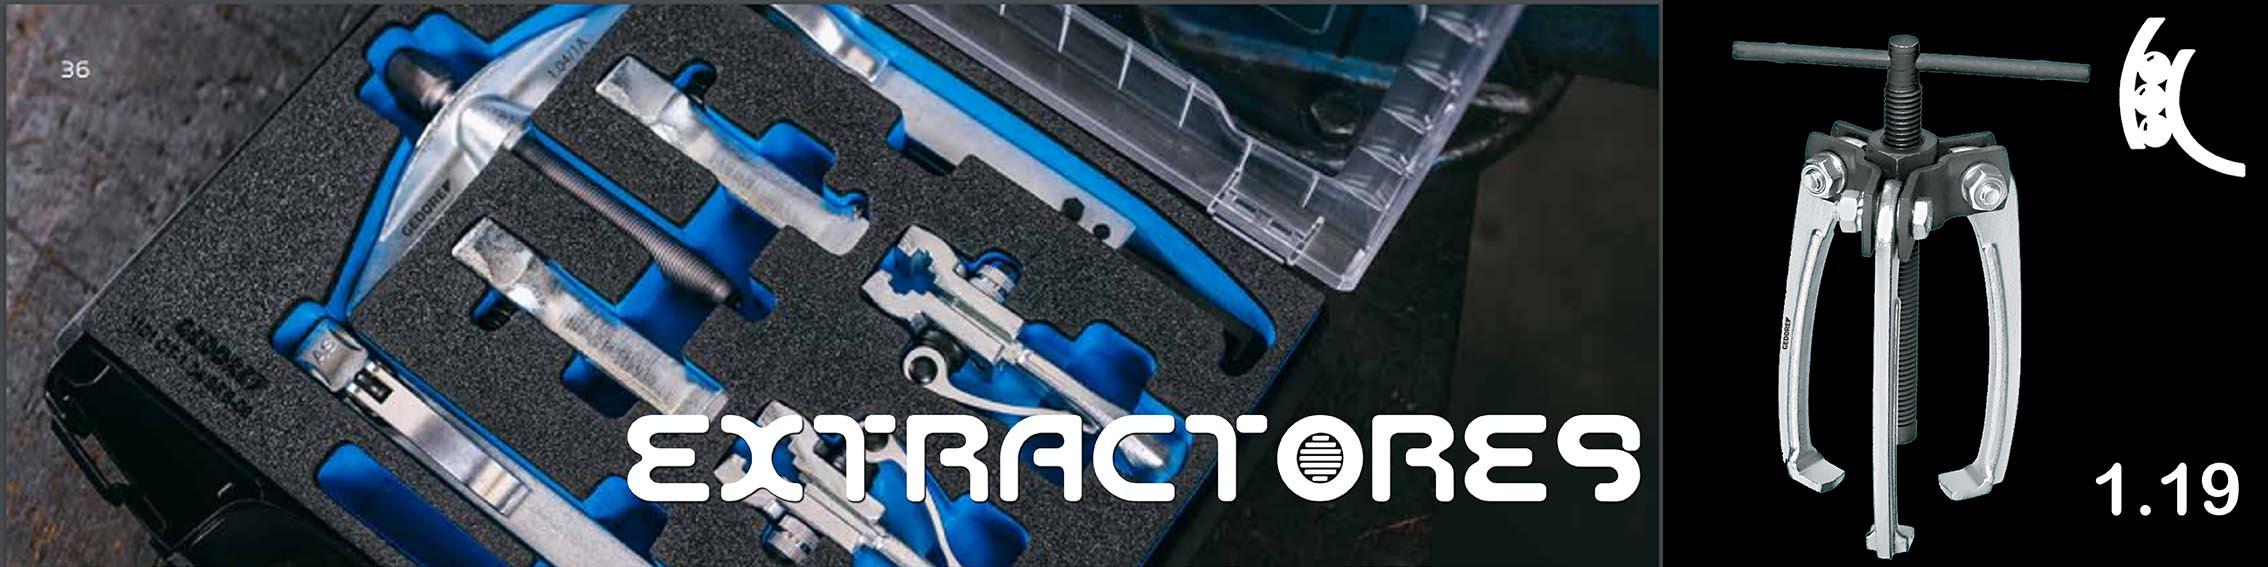 119 extractores 2.jpg